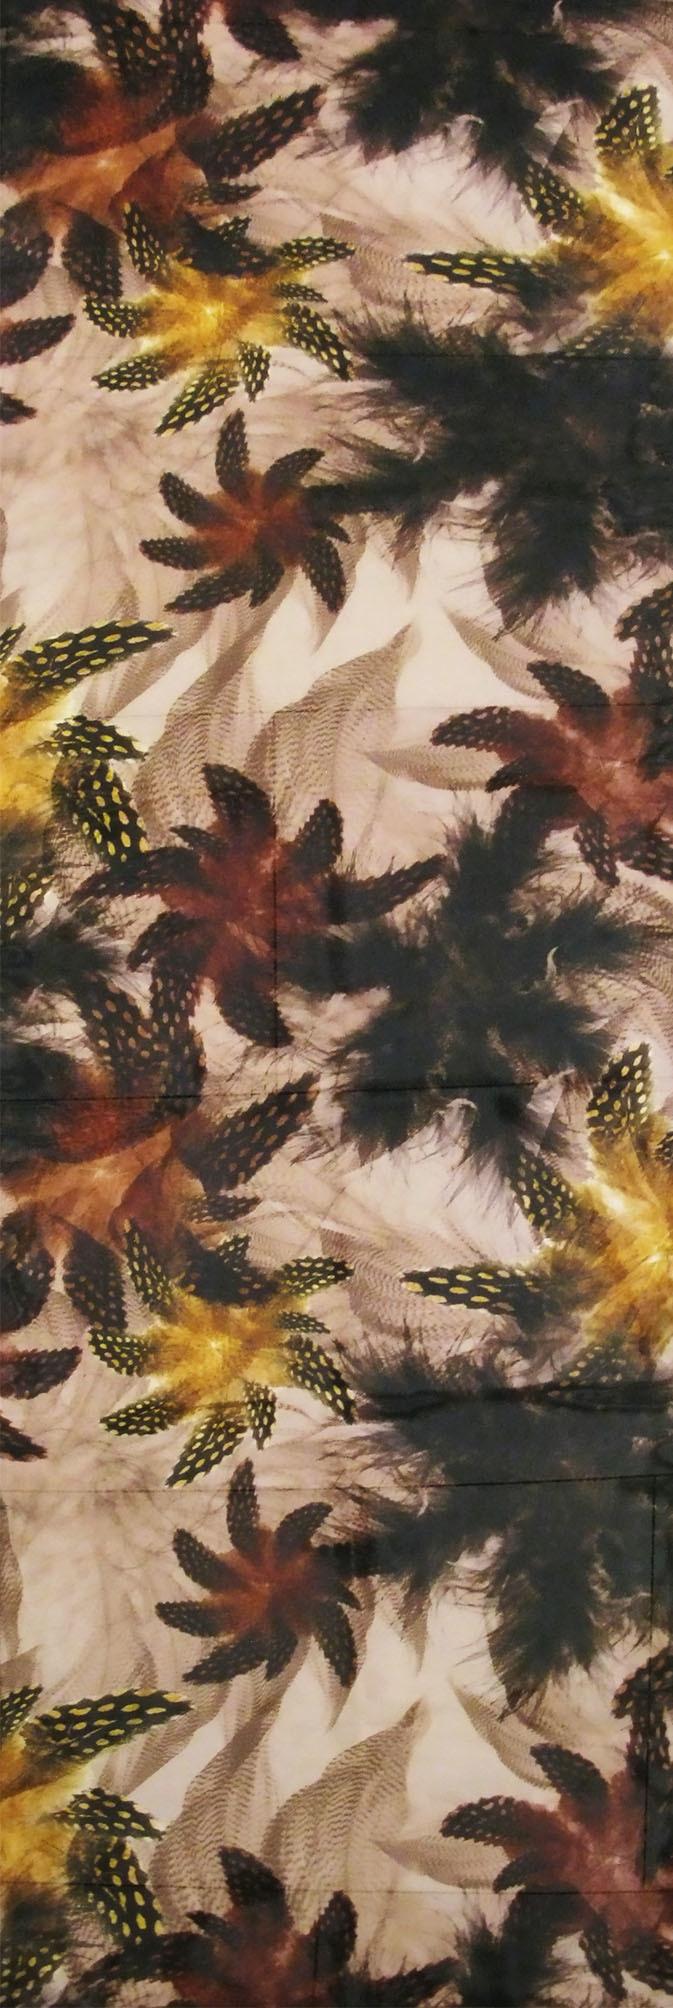 Шарф Ш001-549 - Аксессуар в виде шарфа обязательный элемент элегантного образа. Шарф с цветочным принтом коричневого цвета дополнит ваш наряд и сделает лук элегантным и модным. С помощью шарфа вы можете разнообразить ваш гардероб, подчеркнув вашу женственность и элегантность.